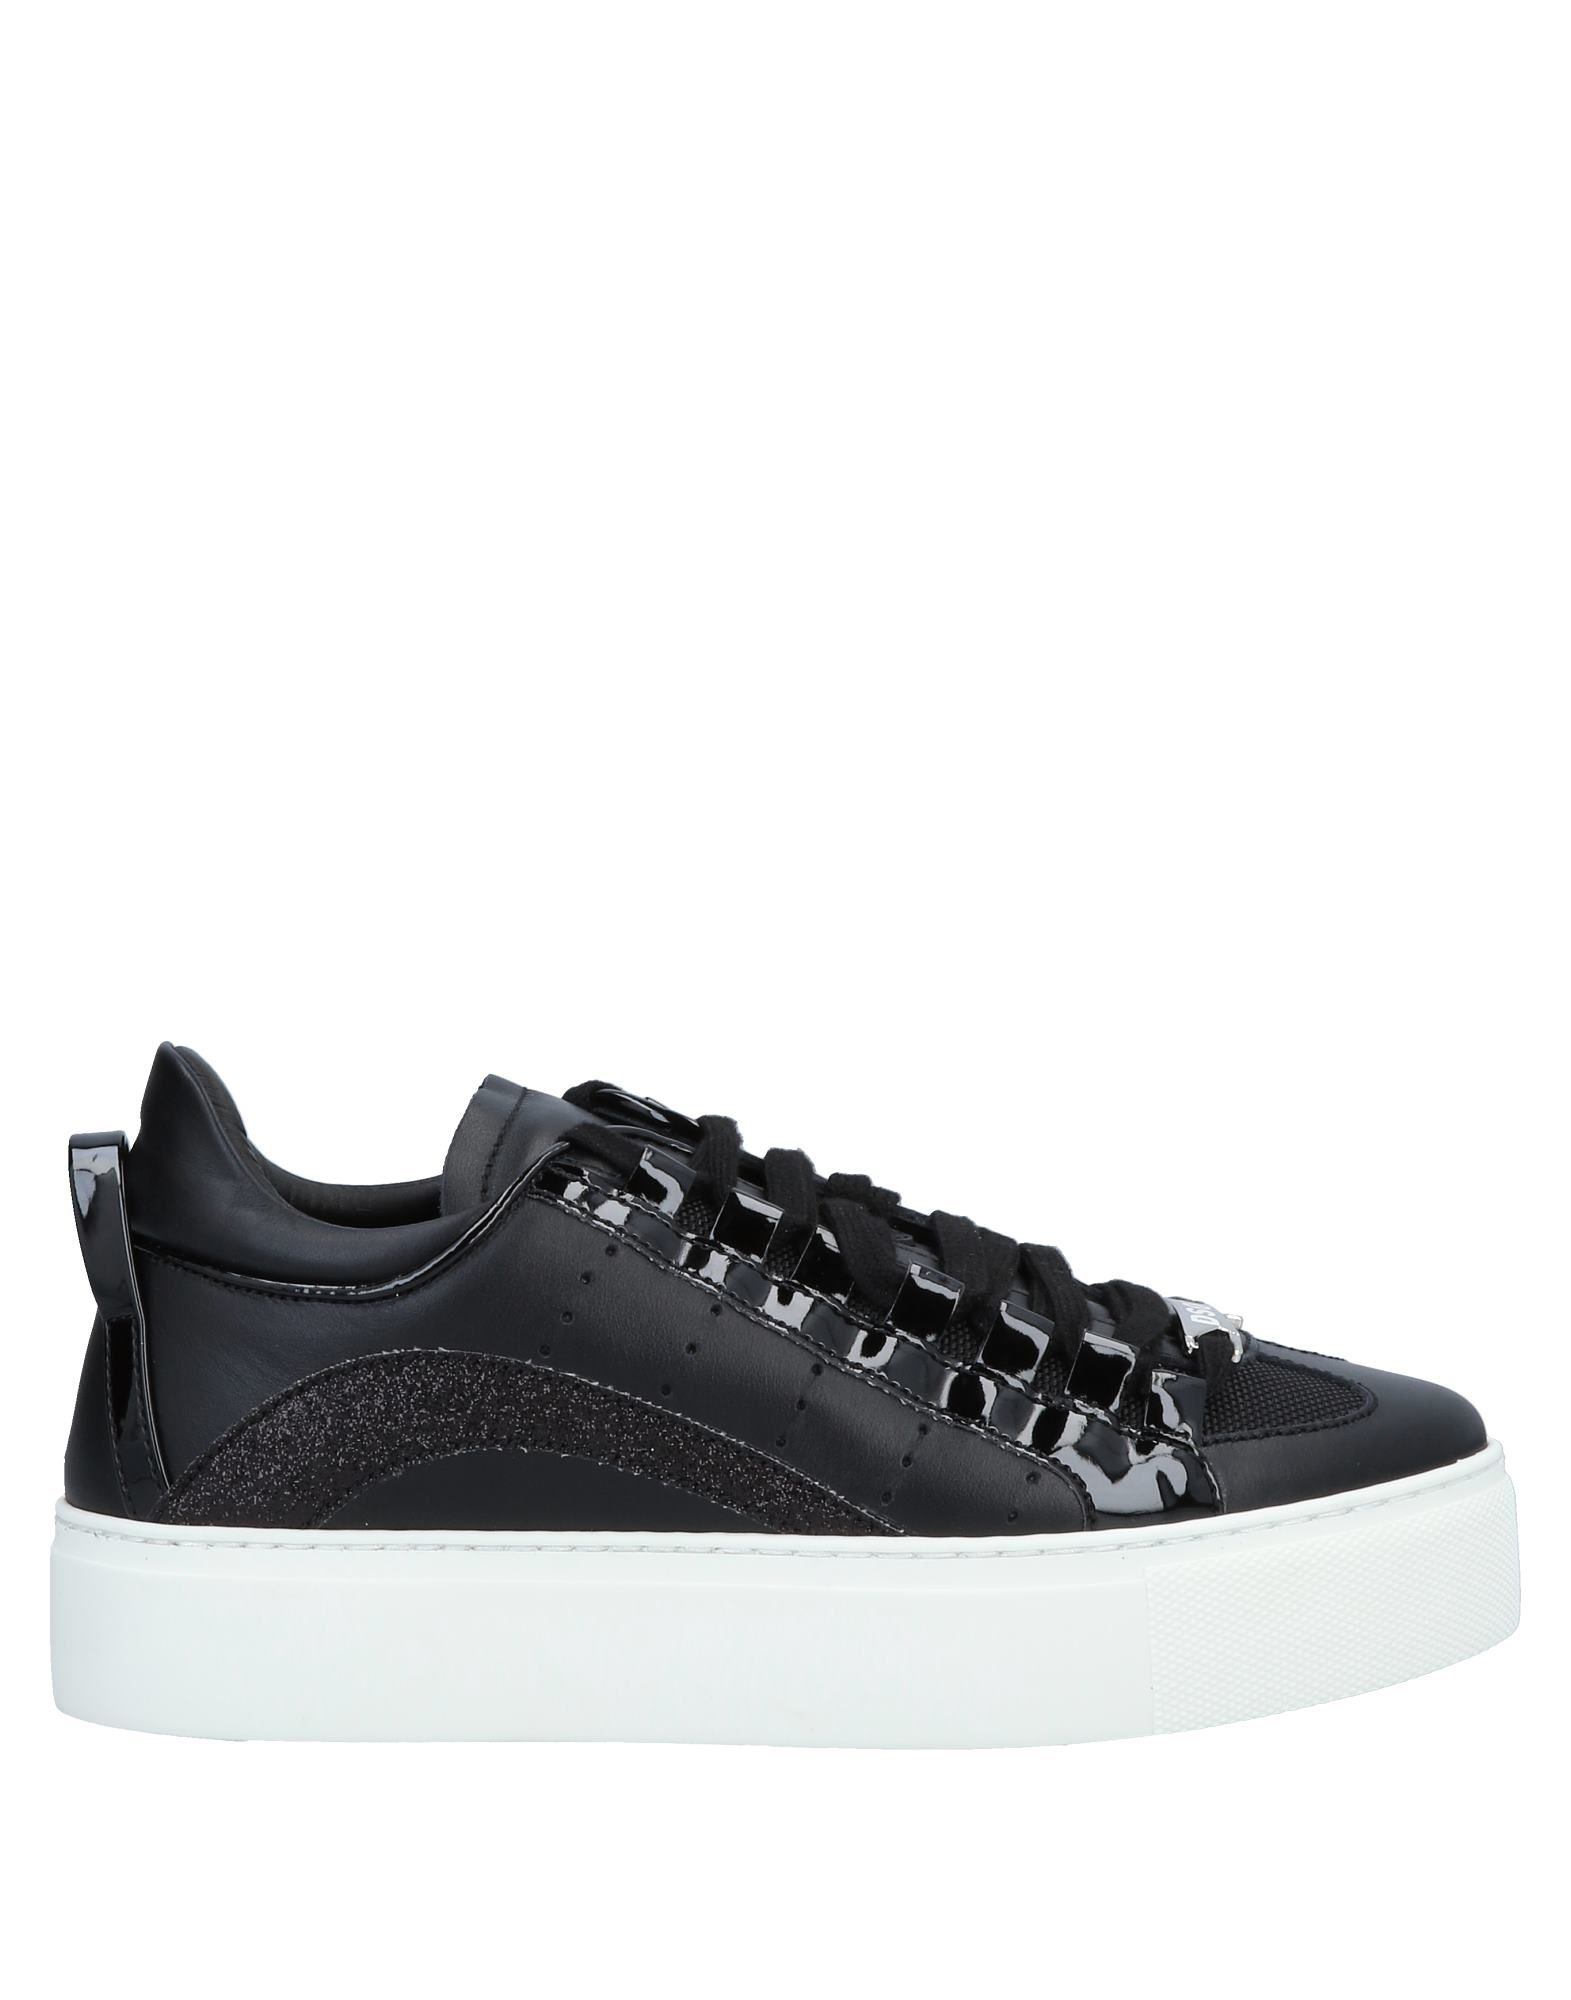 Rabatt Schuhe DsquaROT2 Sneakers  Damen  Sneakers 11566929QX 53326c